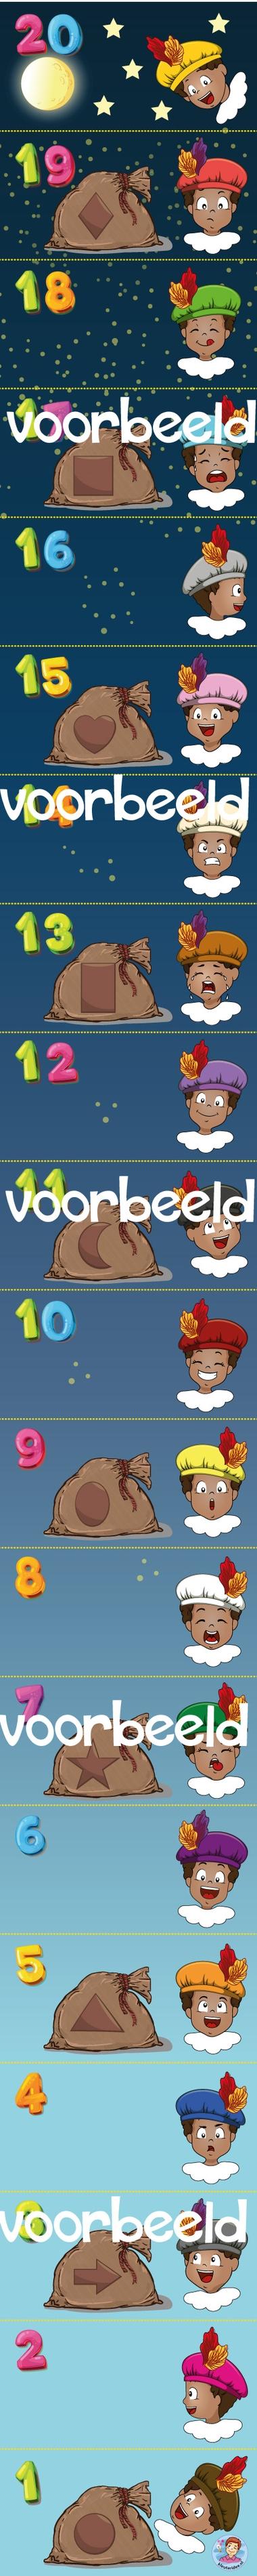 Bee-Bot mat Piet, kleuteridee, Sinterklaas, 5 december